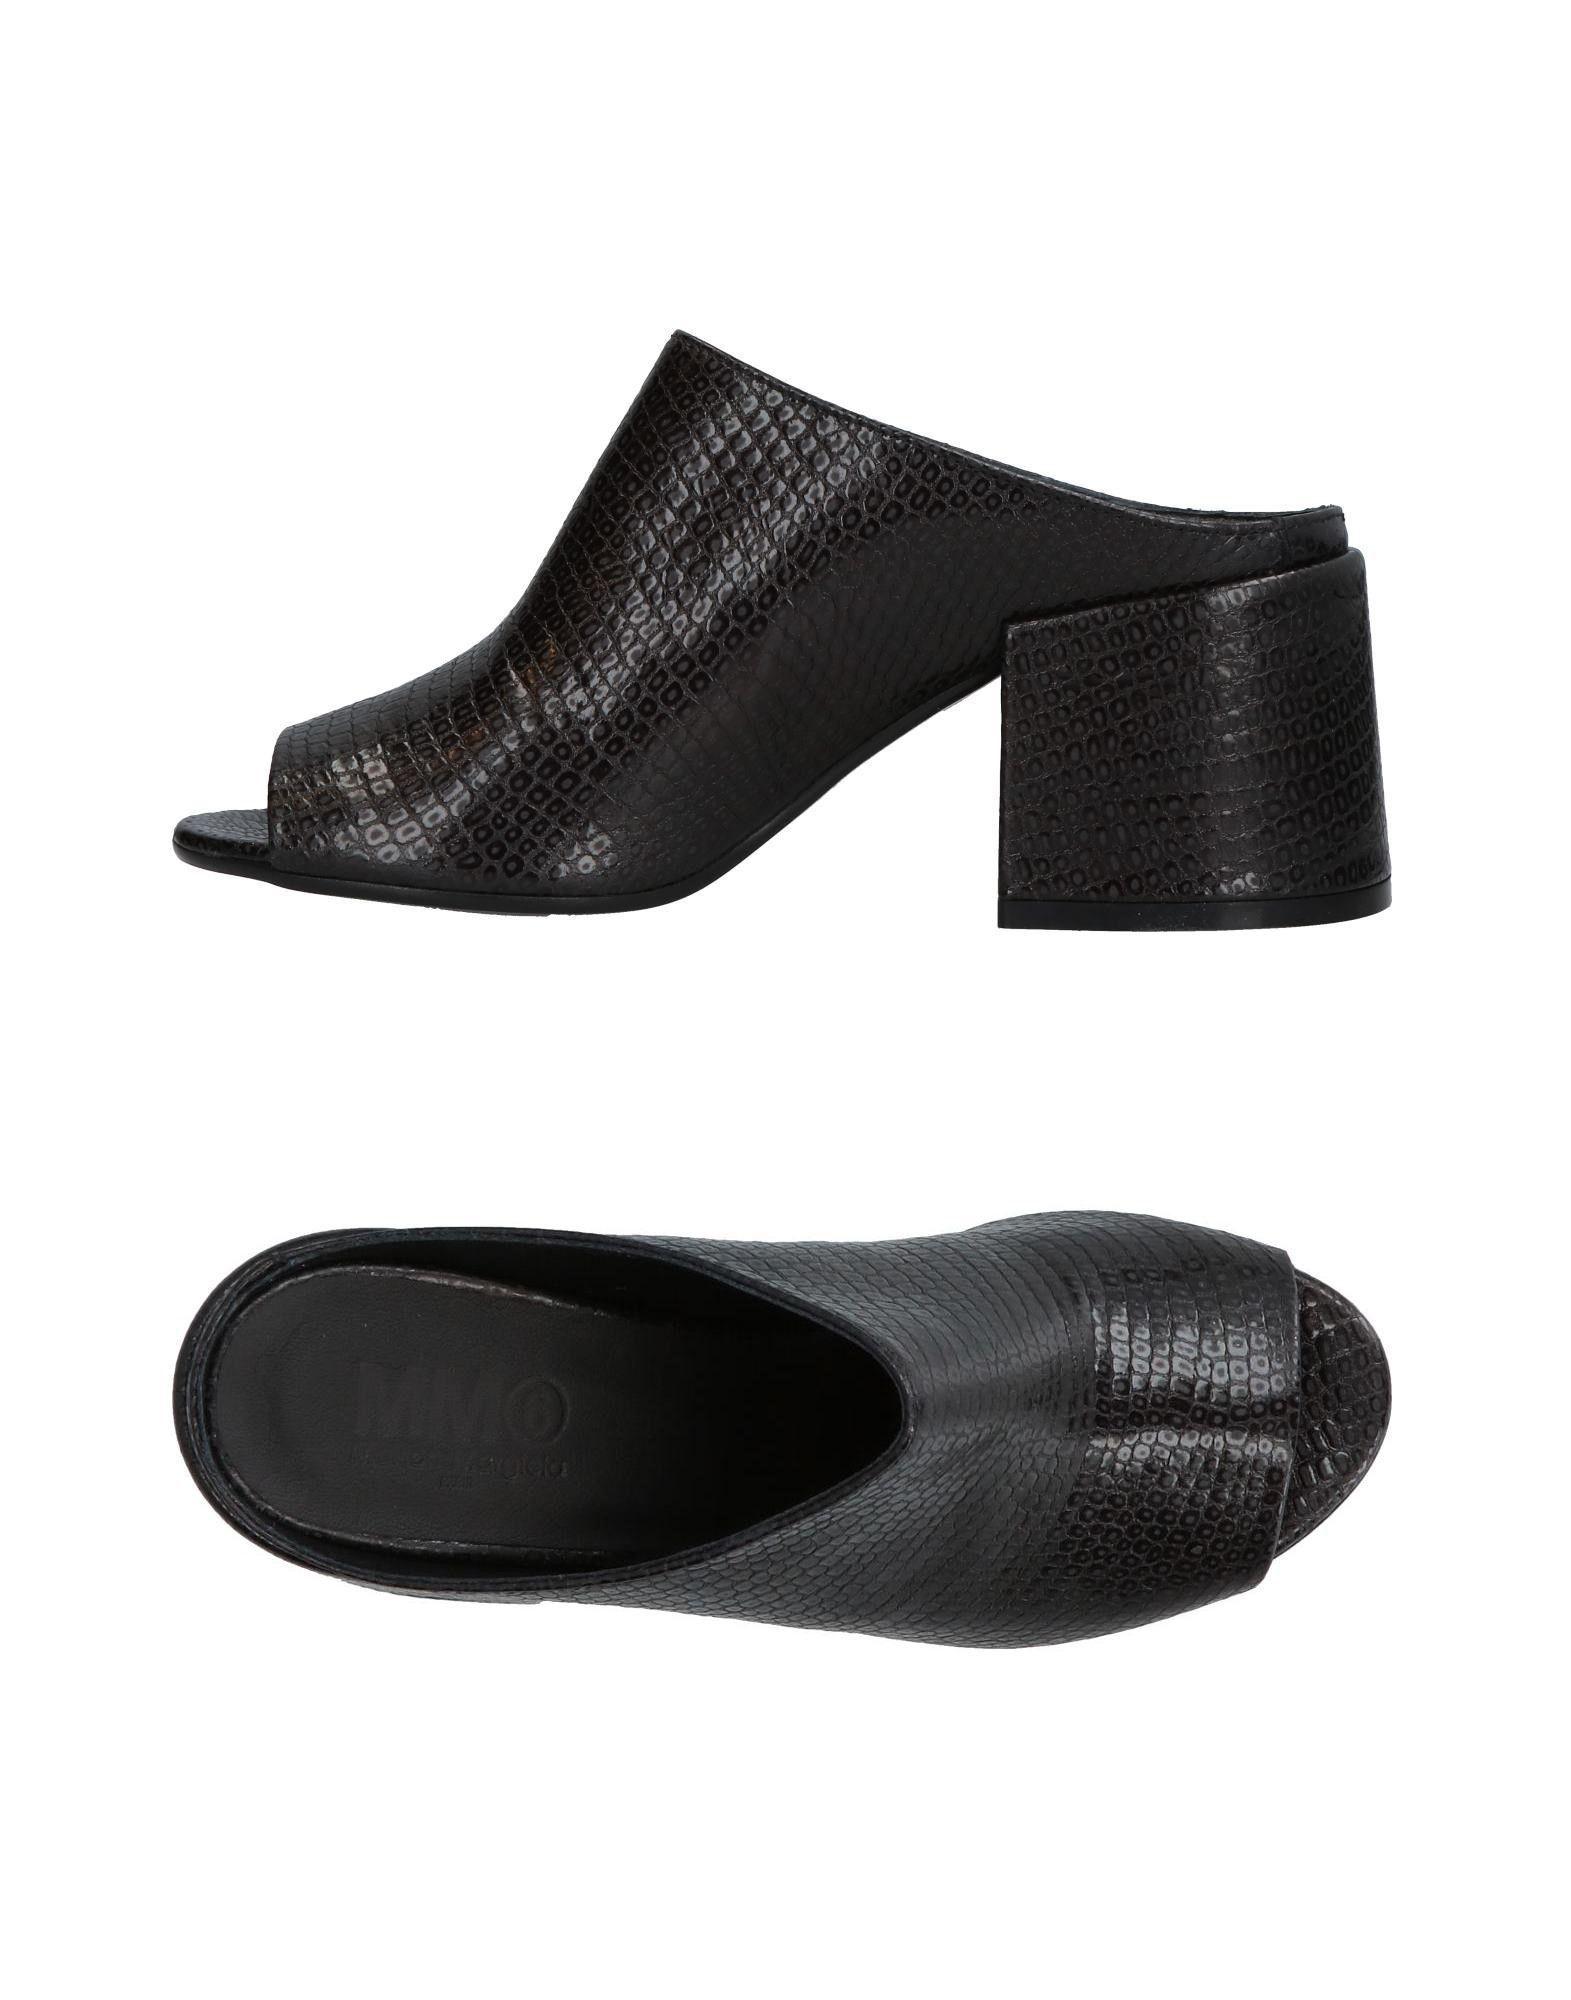 Mm6 Maison Margiela Neue Sandalen Damen  11331230PW Neue Margiela Schuhe 42beab